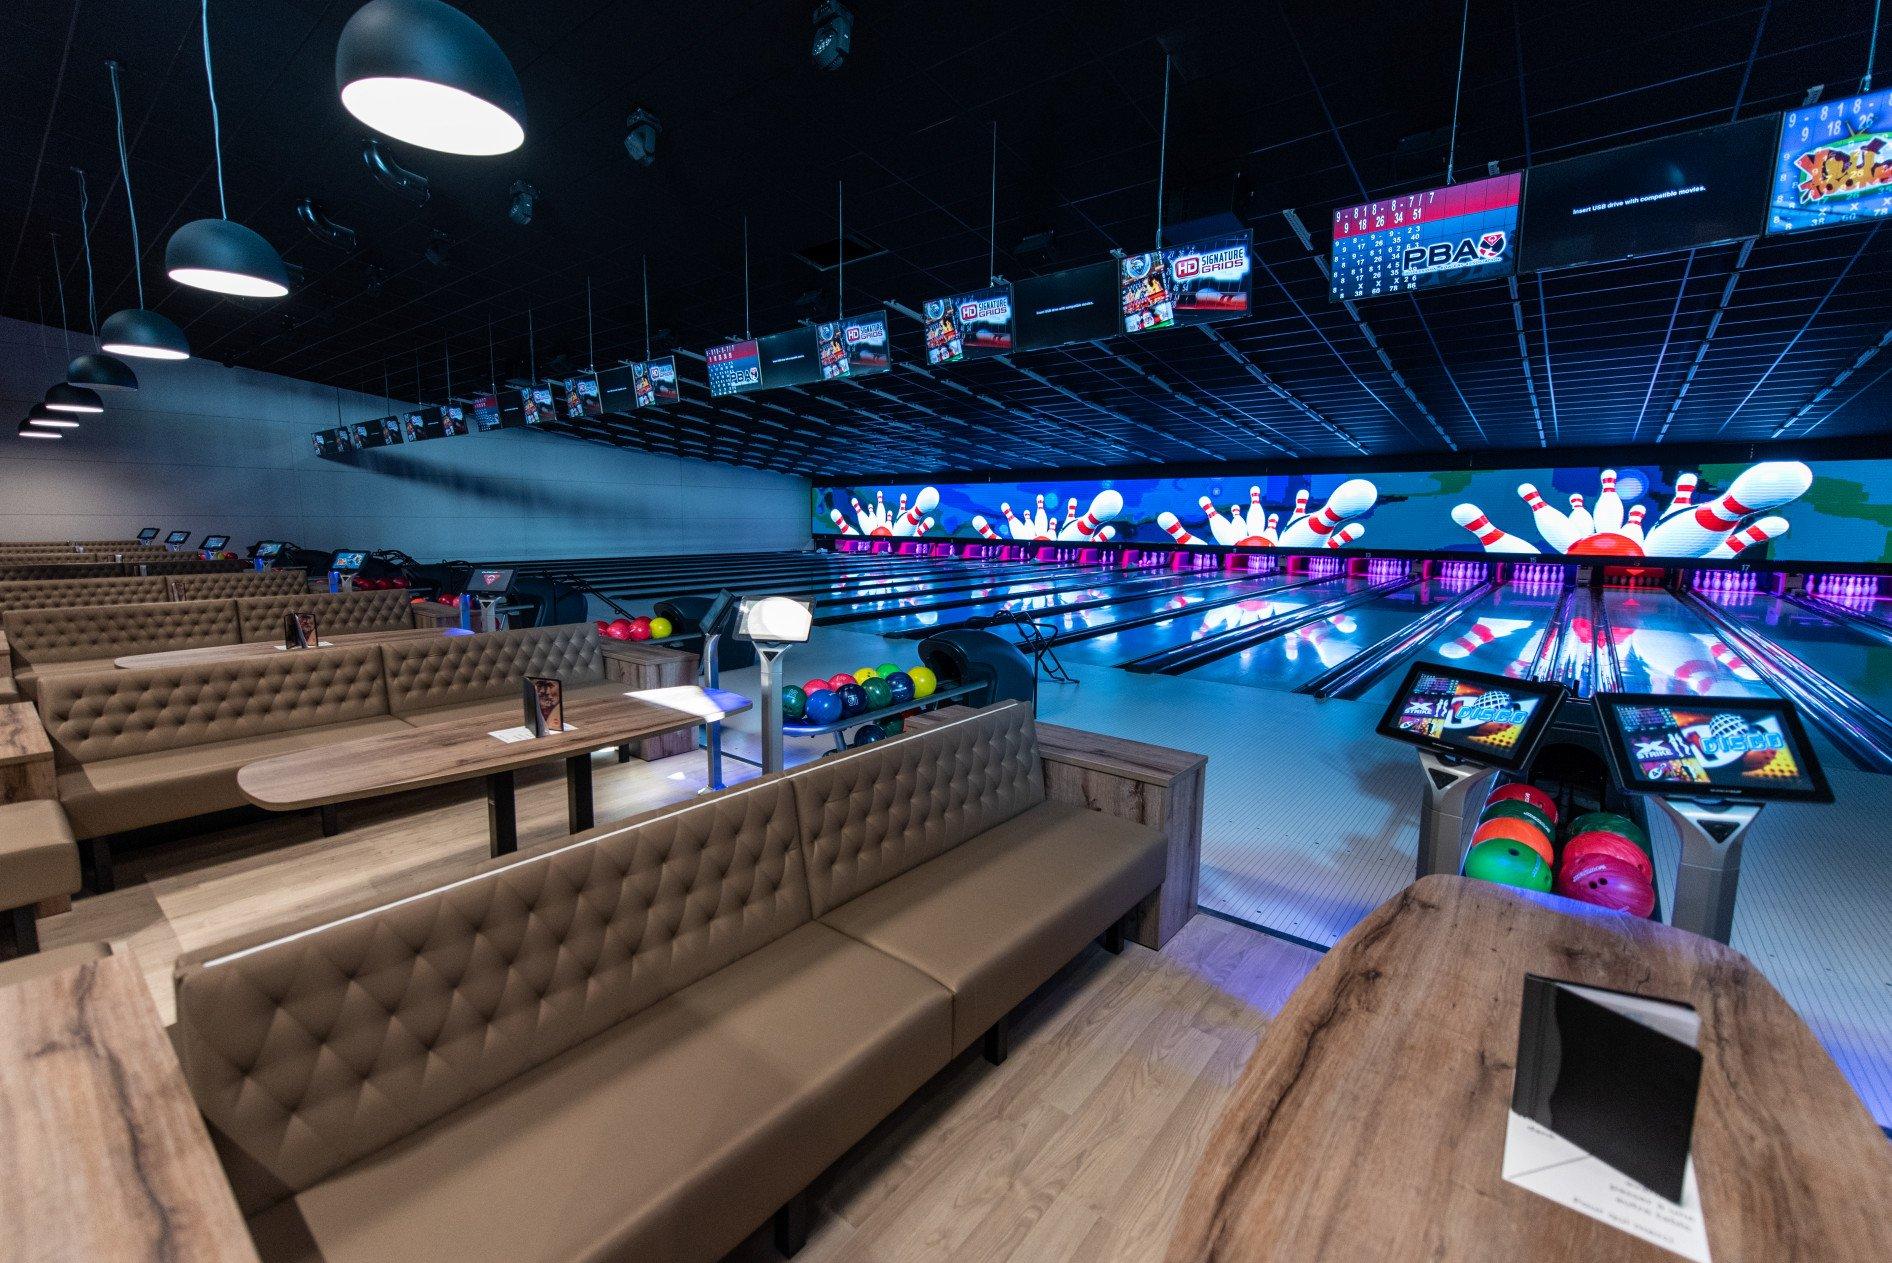 De realisatie van Bowling de Goe Smete kan je op zen minst bijzonder noemen voor ons bedrijf....